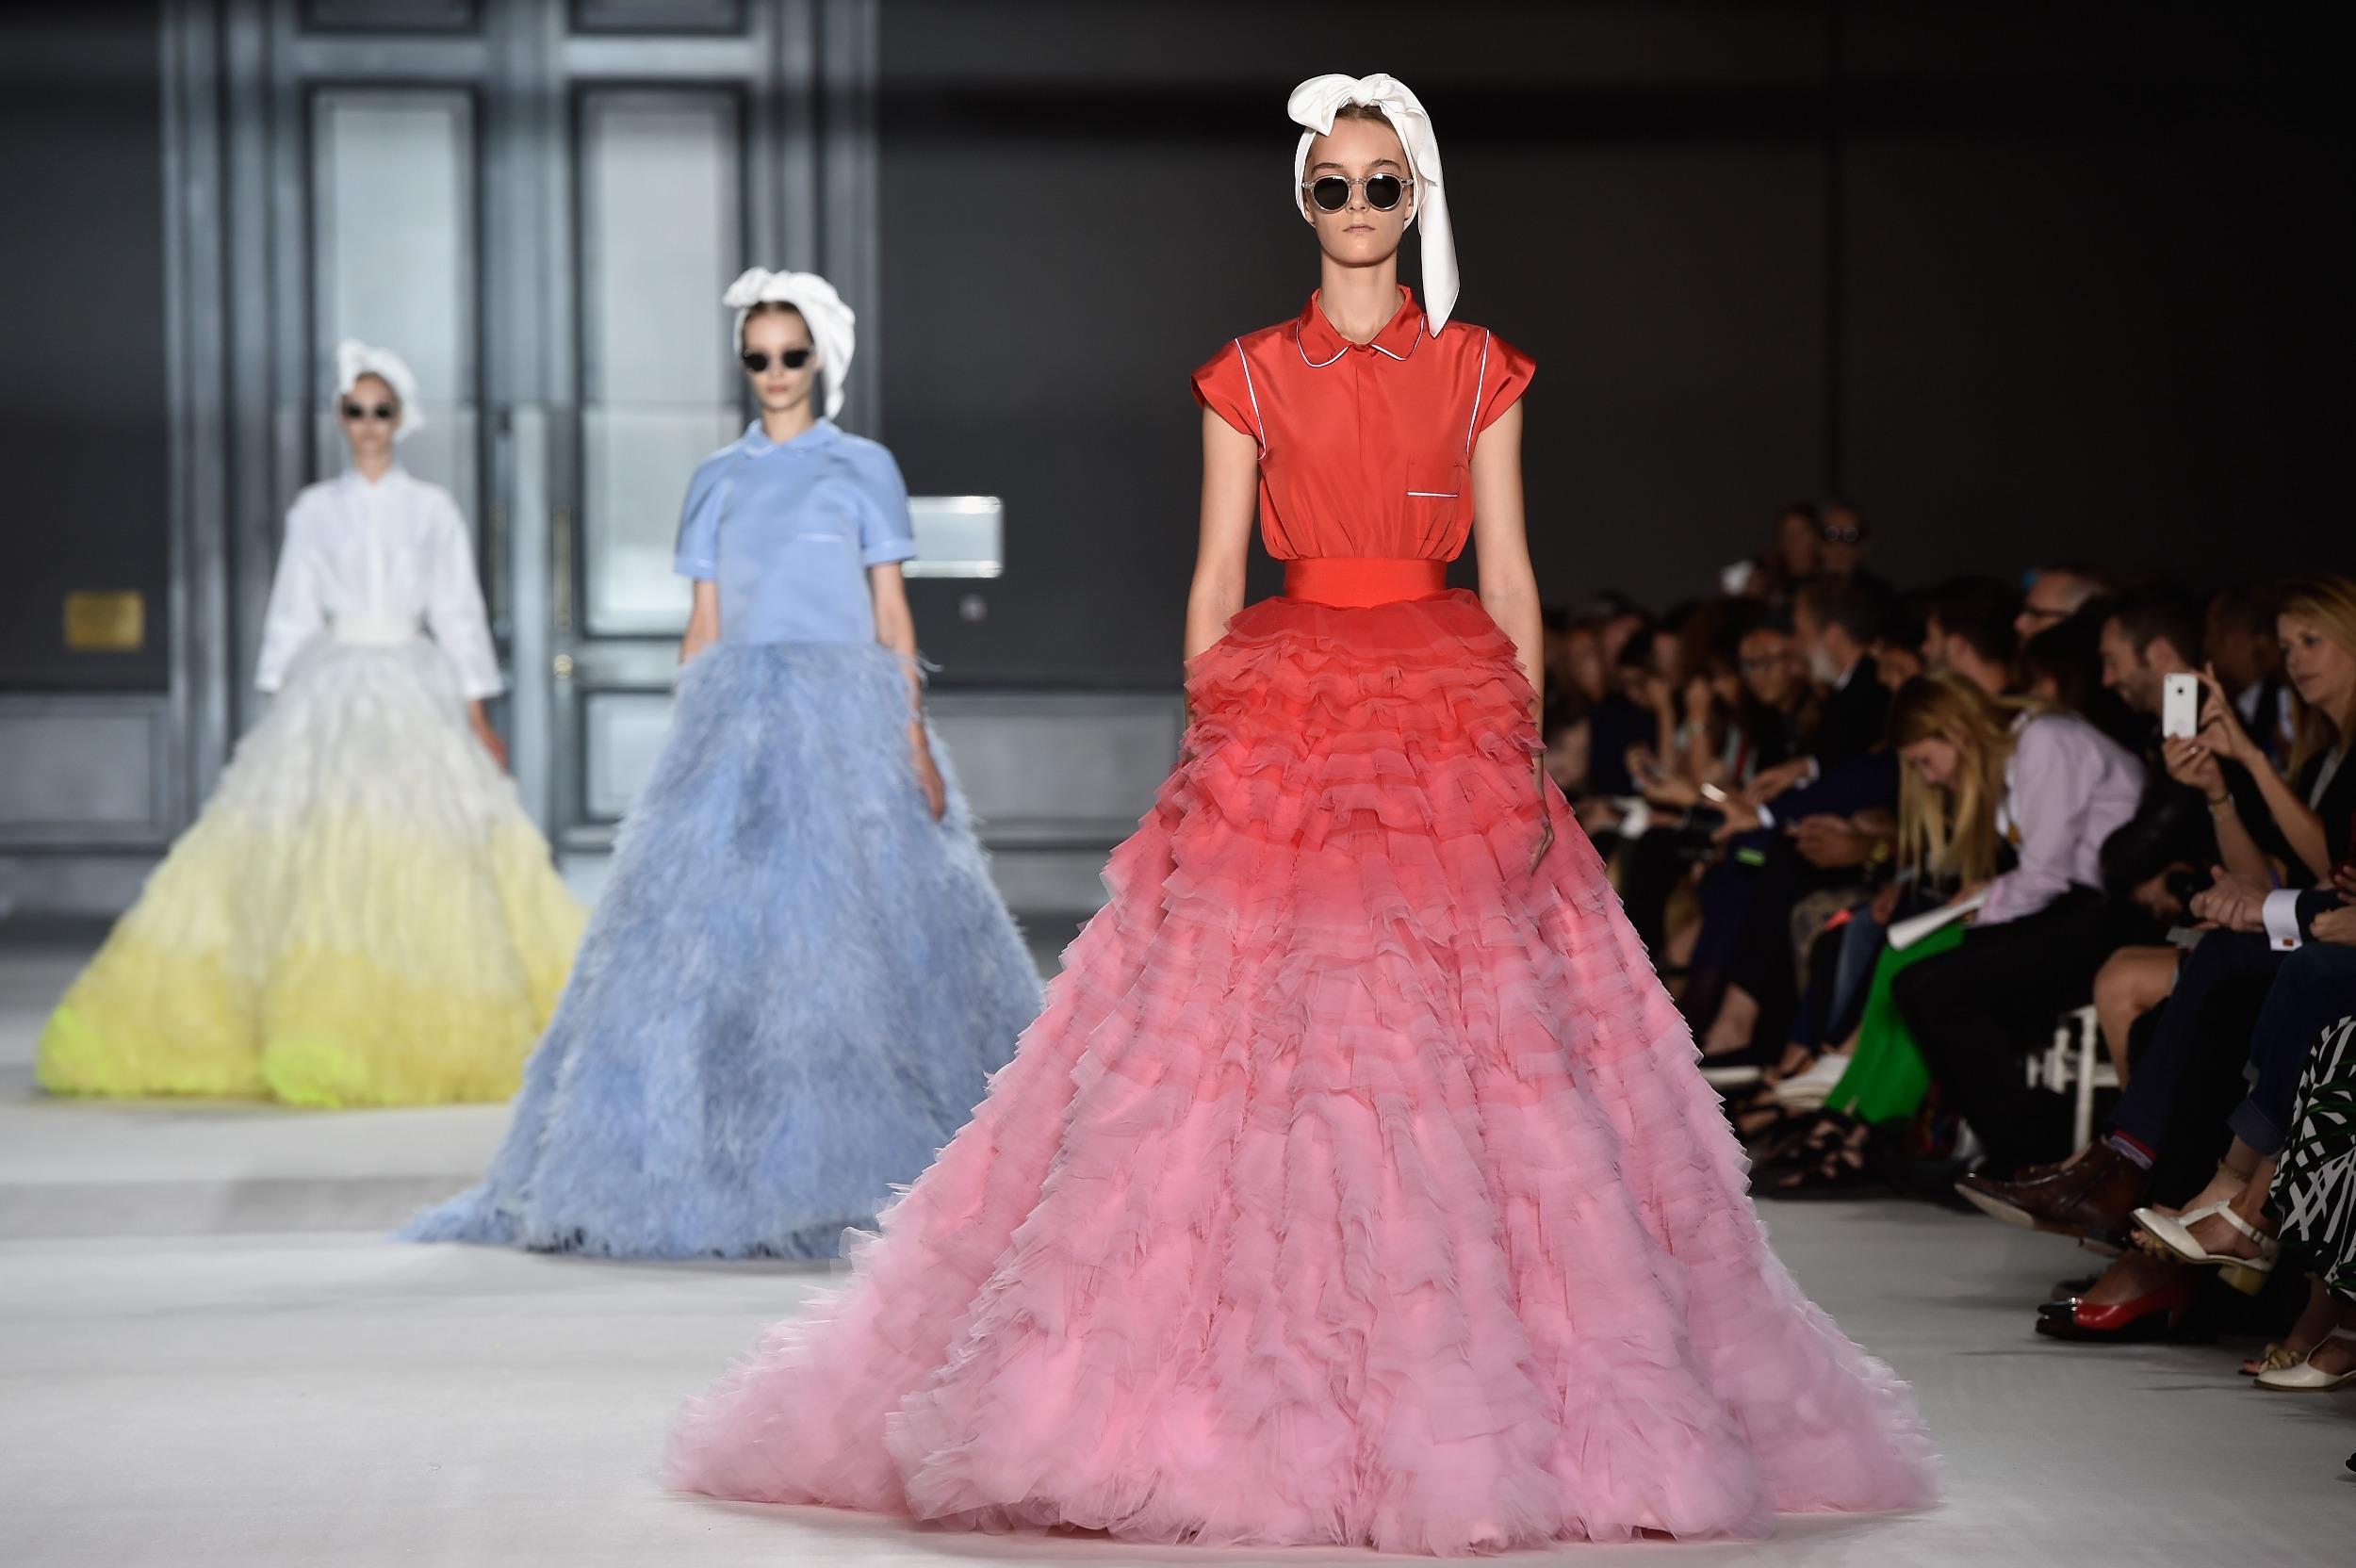 связанные пряжи французская мода показ картинки стиль